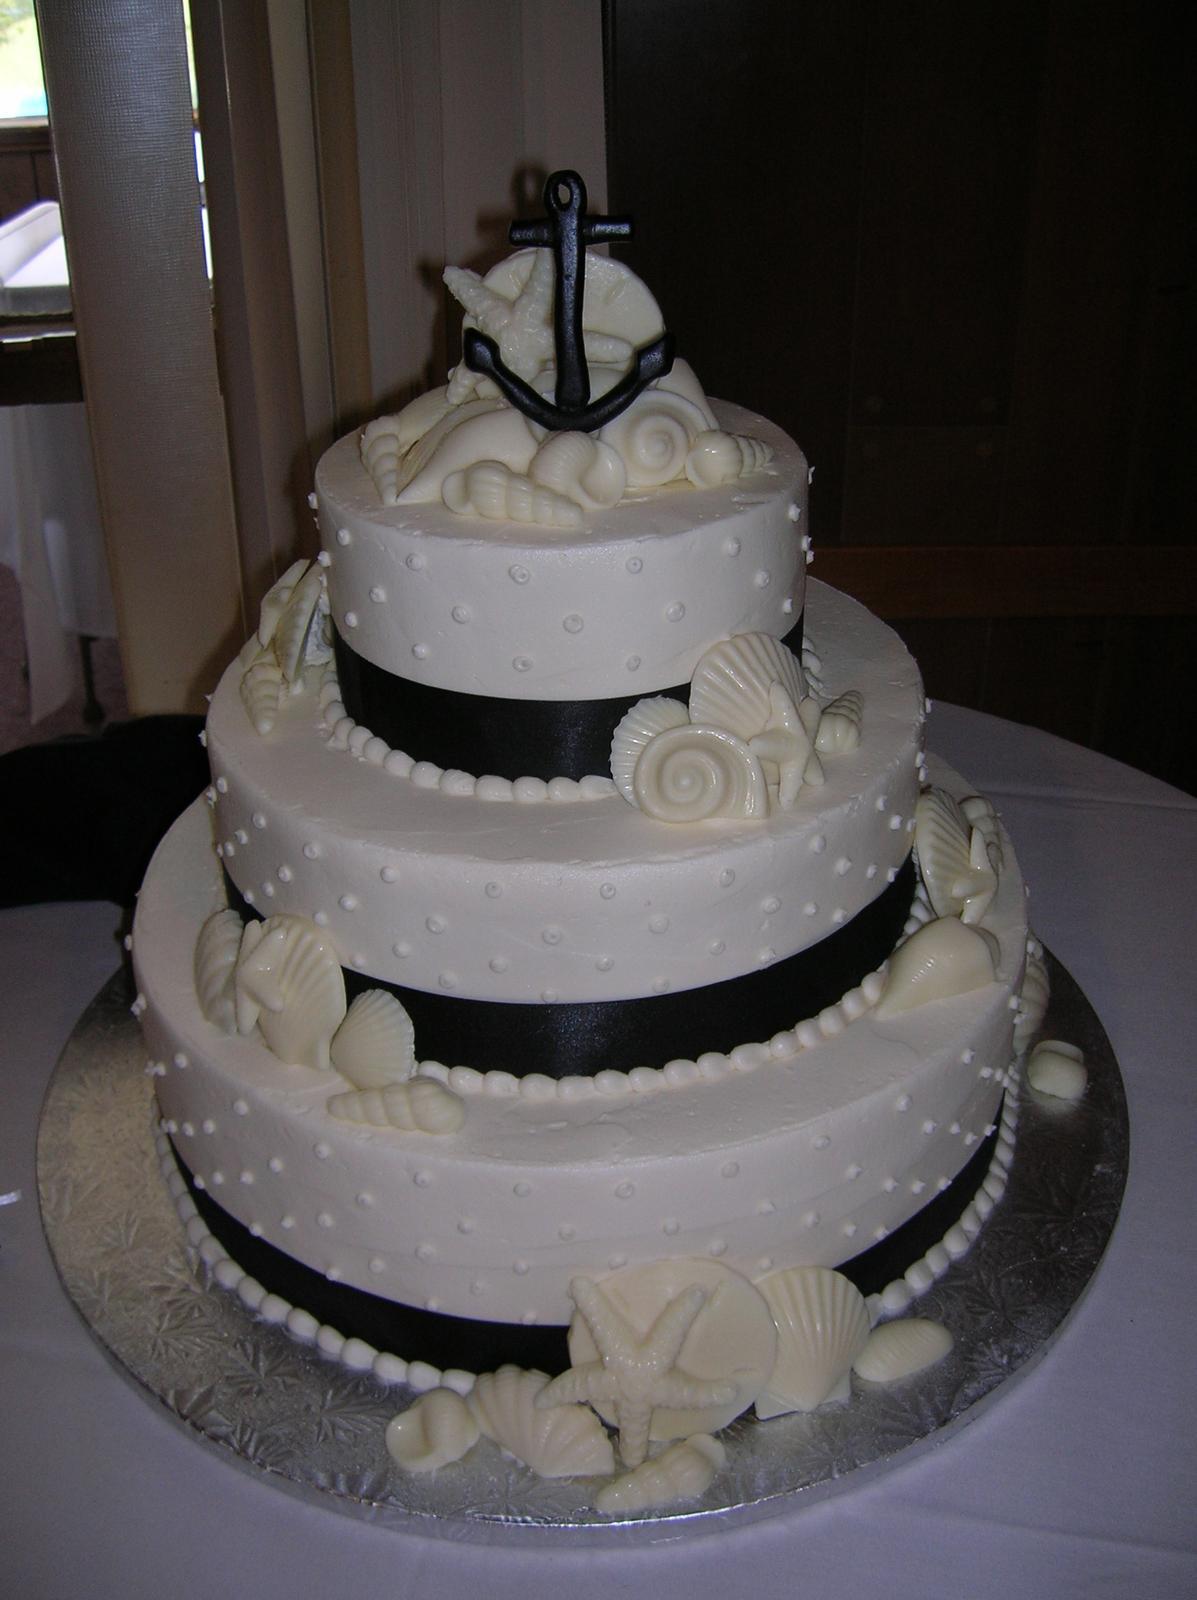 Námořnický styl svatby.... vzhůru na palubu!!! - Obrázek č. 13